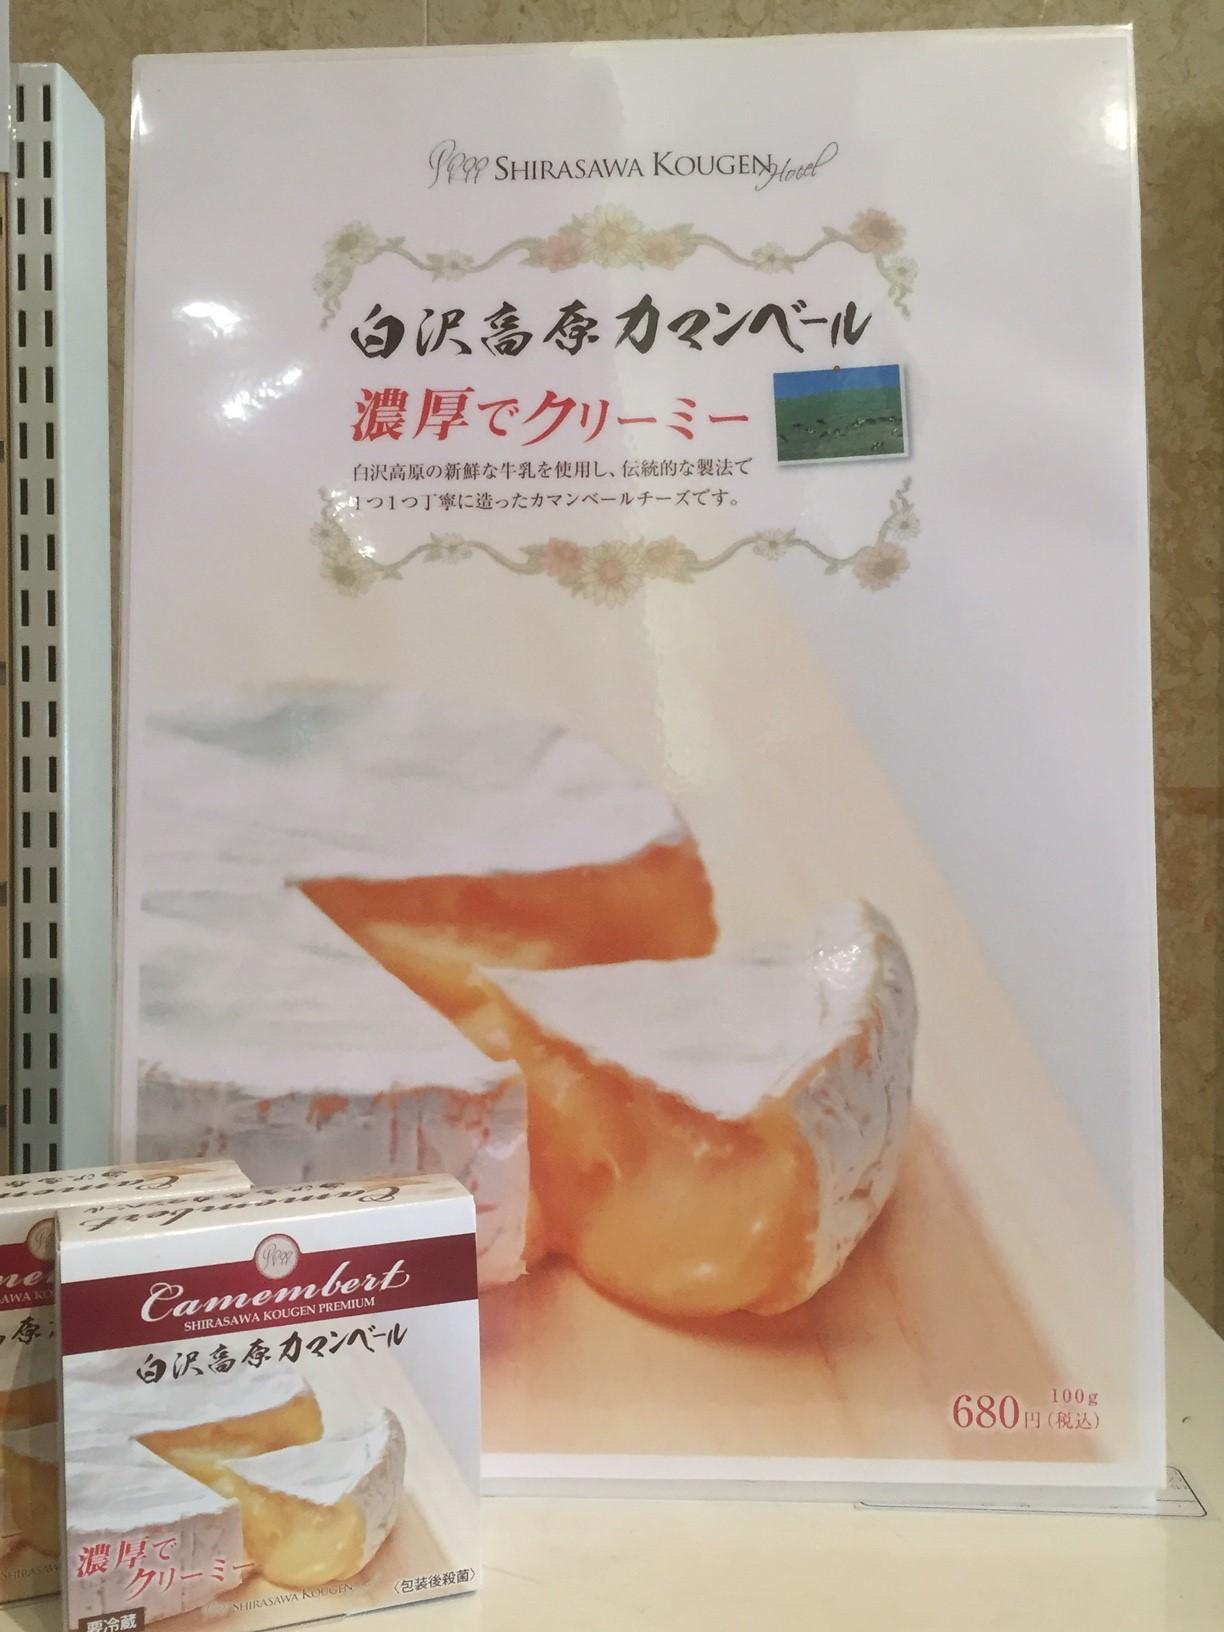 白沢高原カマンベールチーズ販売開始!